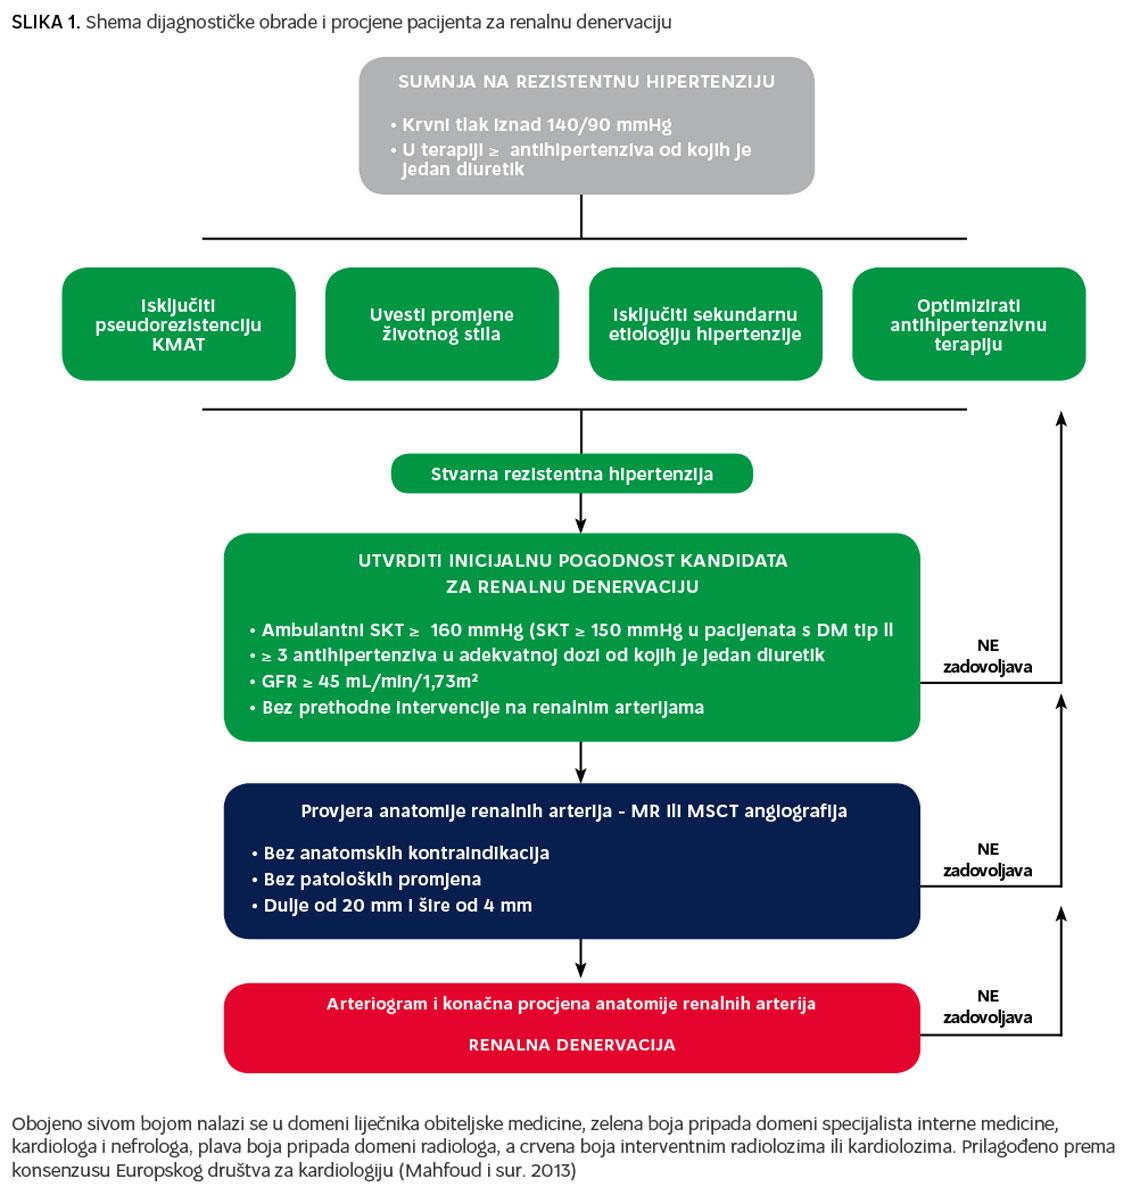 Terapija bojama hipertenzije